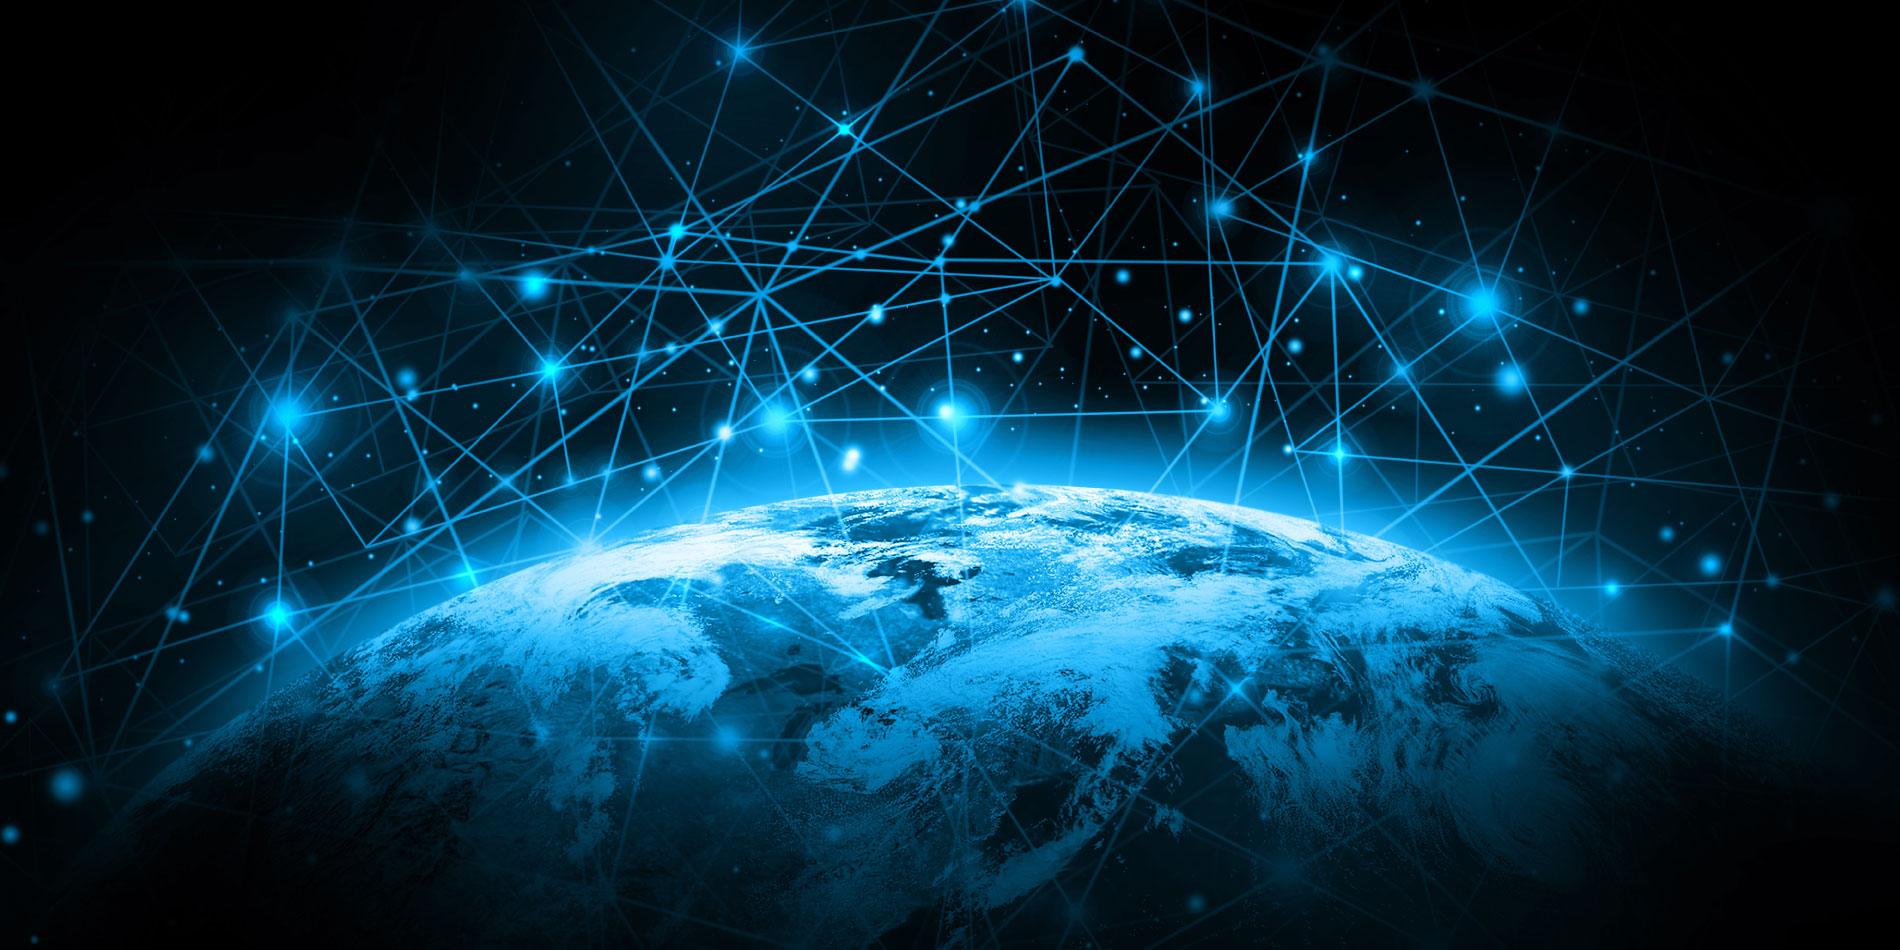 ¿Sabías que más de la mitad de las personas en el mundo ya usa Internet y redes sociales?